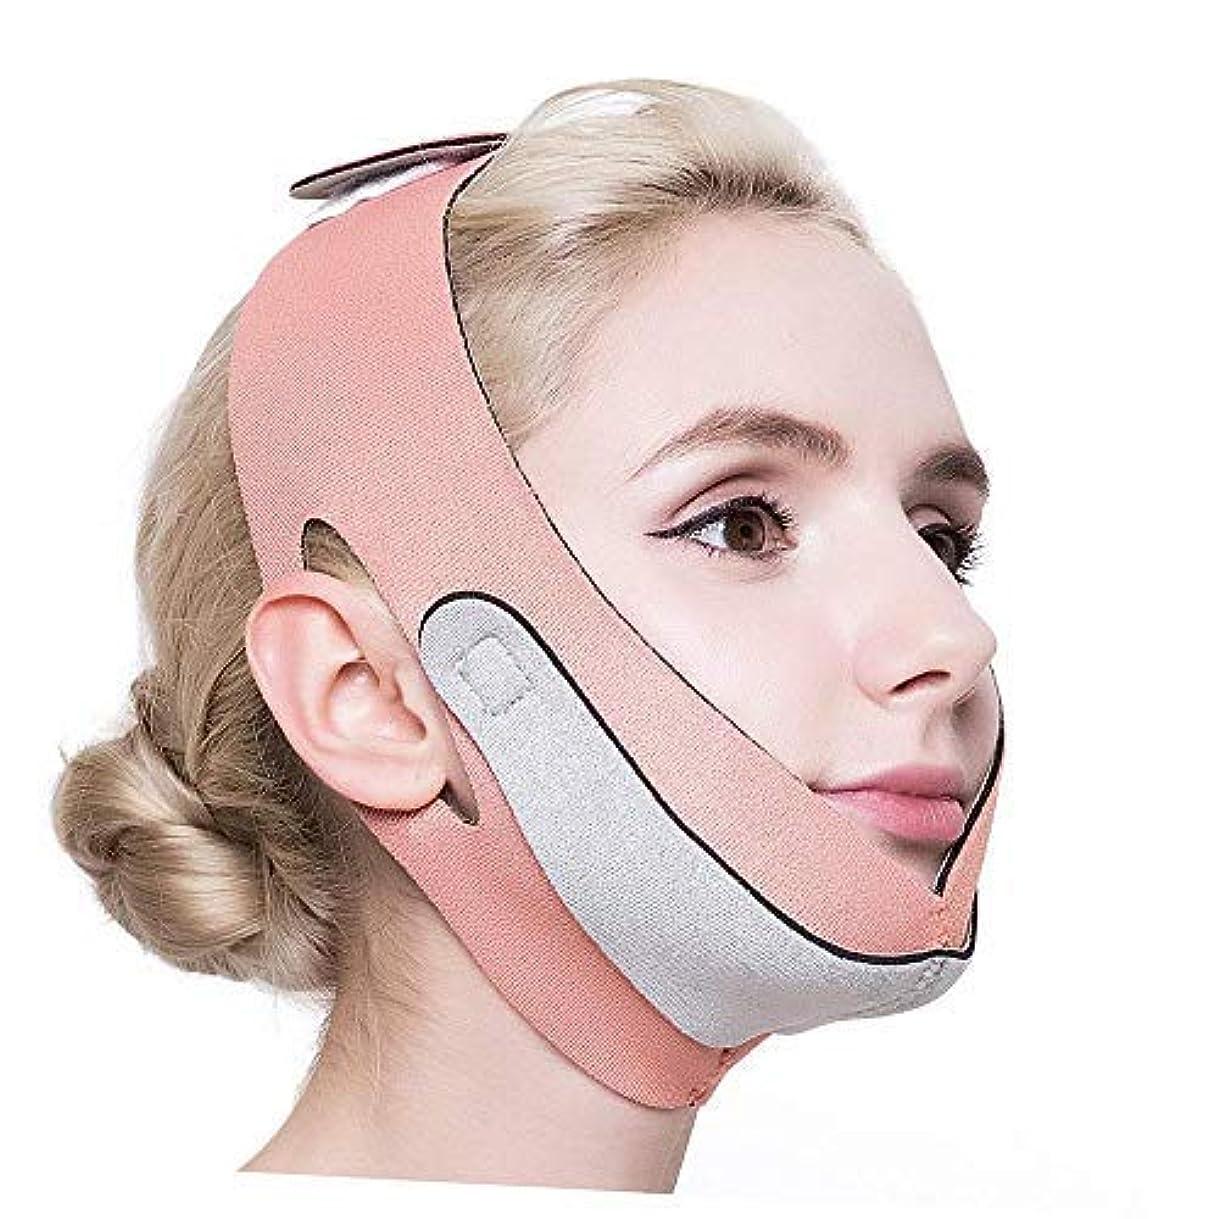 coraly 小顔 矯正 顔痩せ 美顔 ほうれい線予防 抗シワ 頬リ引き上げマスク レデー サポーター (ピンク)